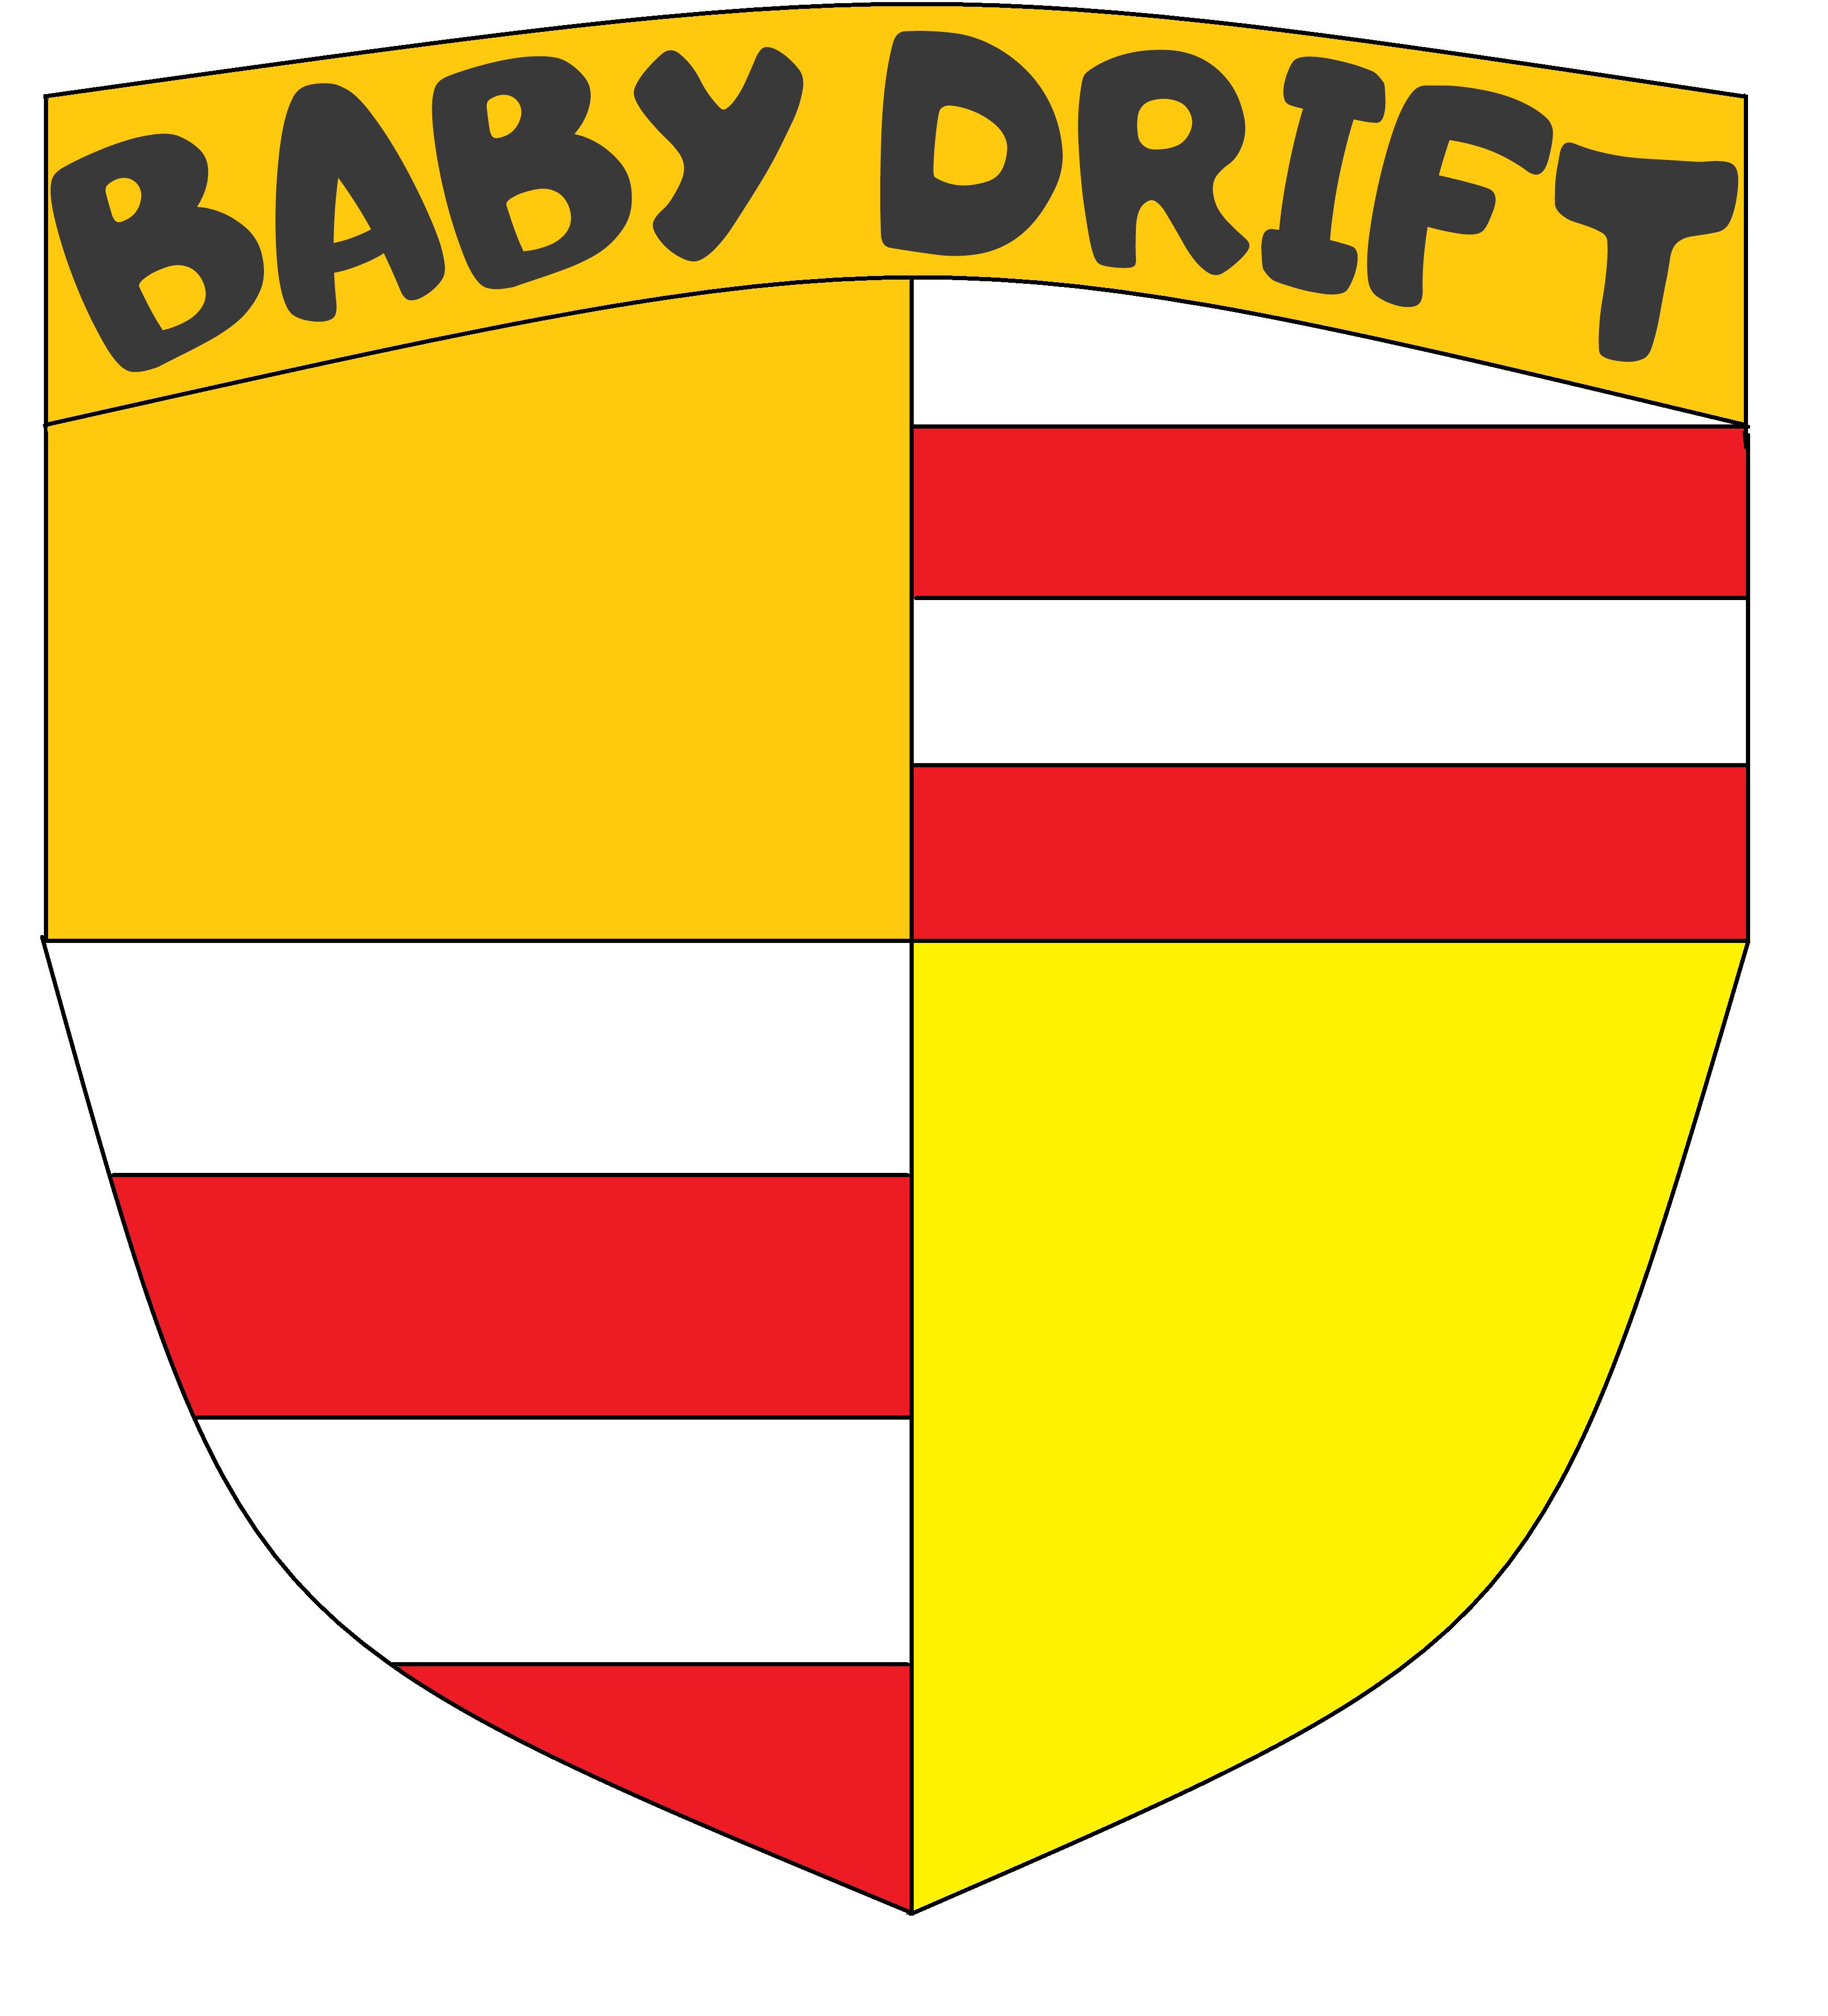 BABY DRIFT